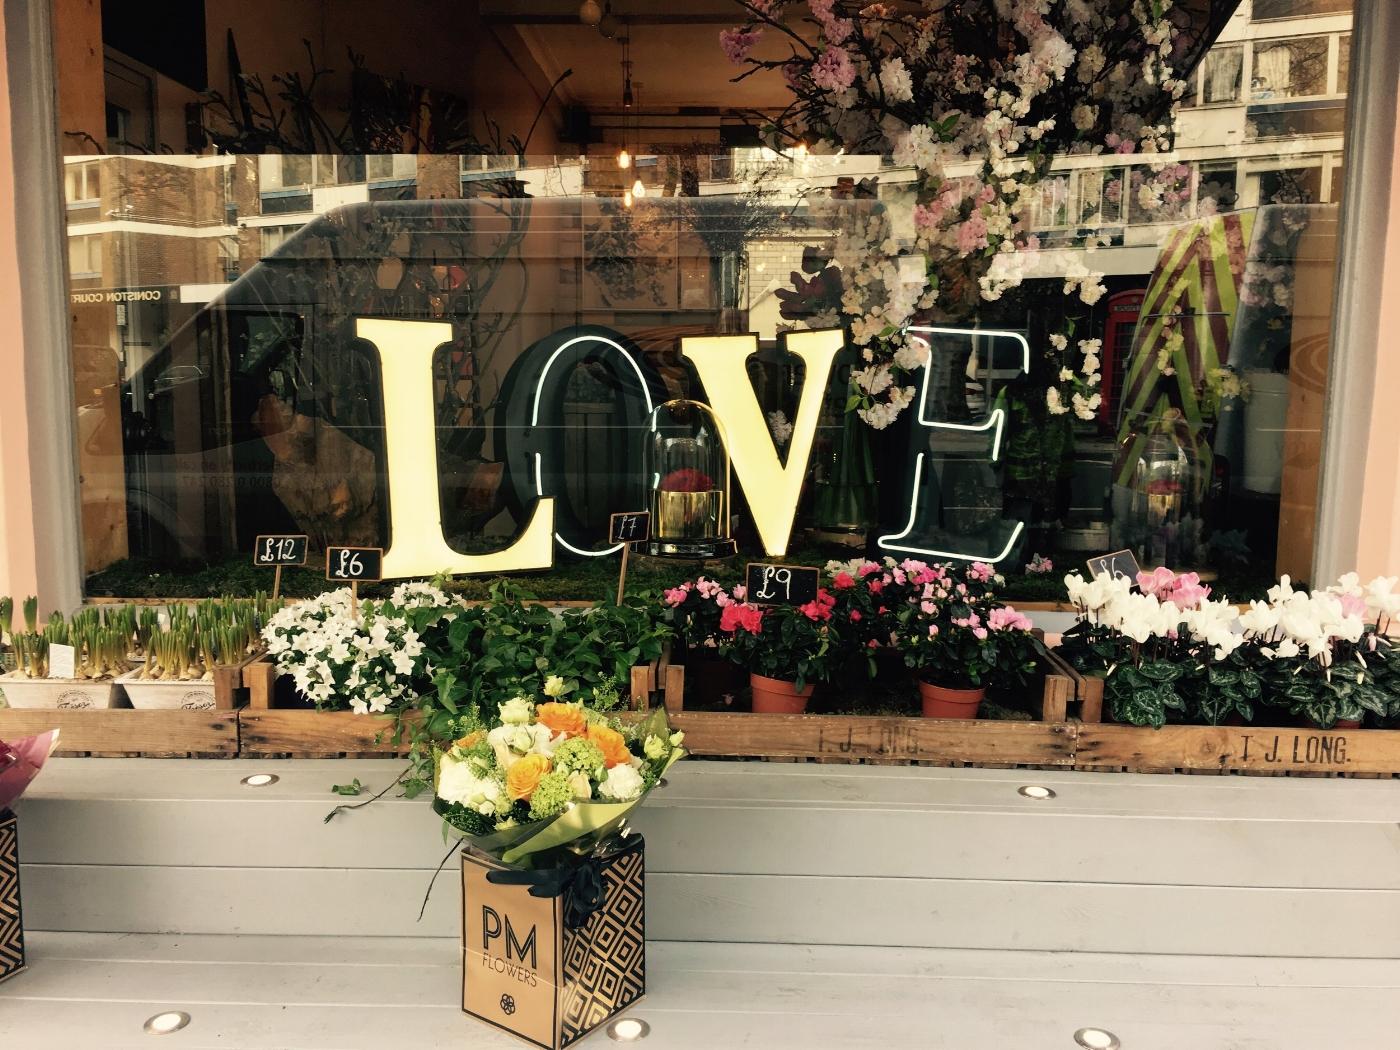 Prewett Miller Flower Shop. 53 Connaught Street